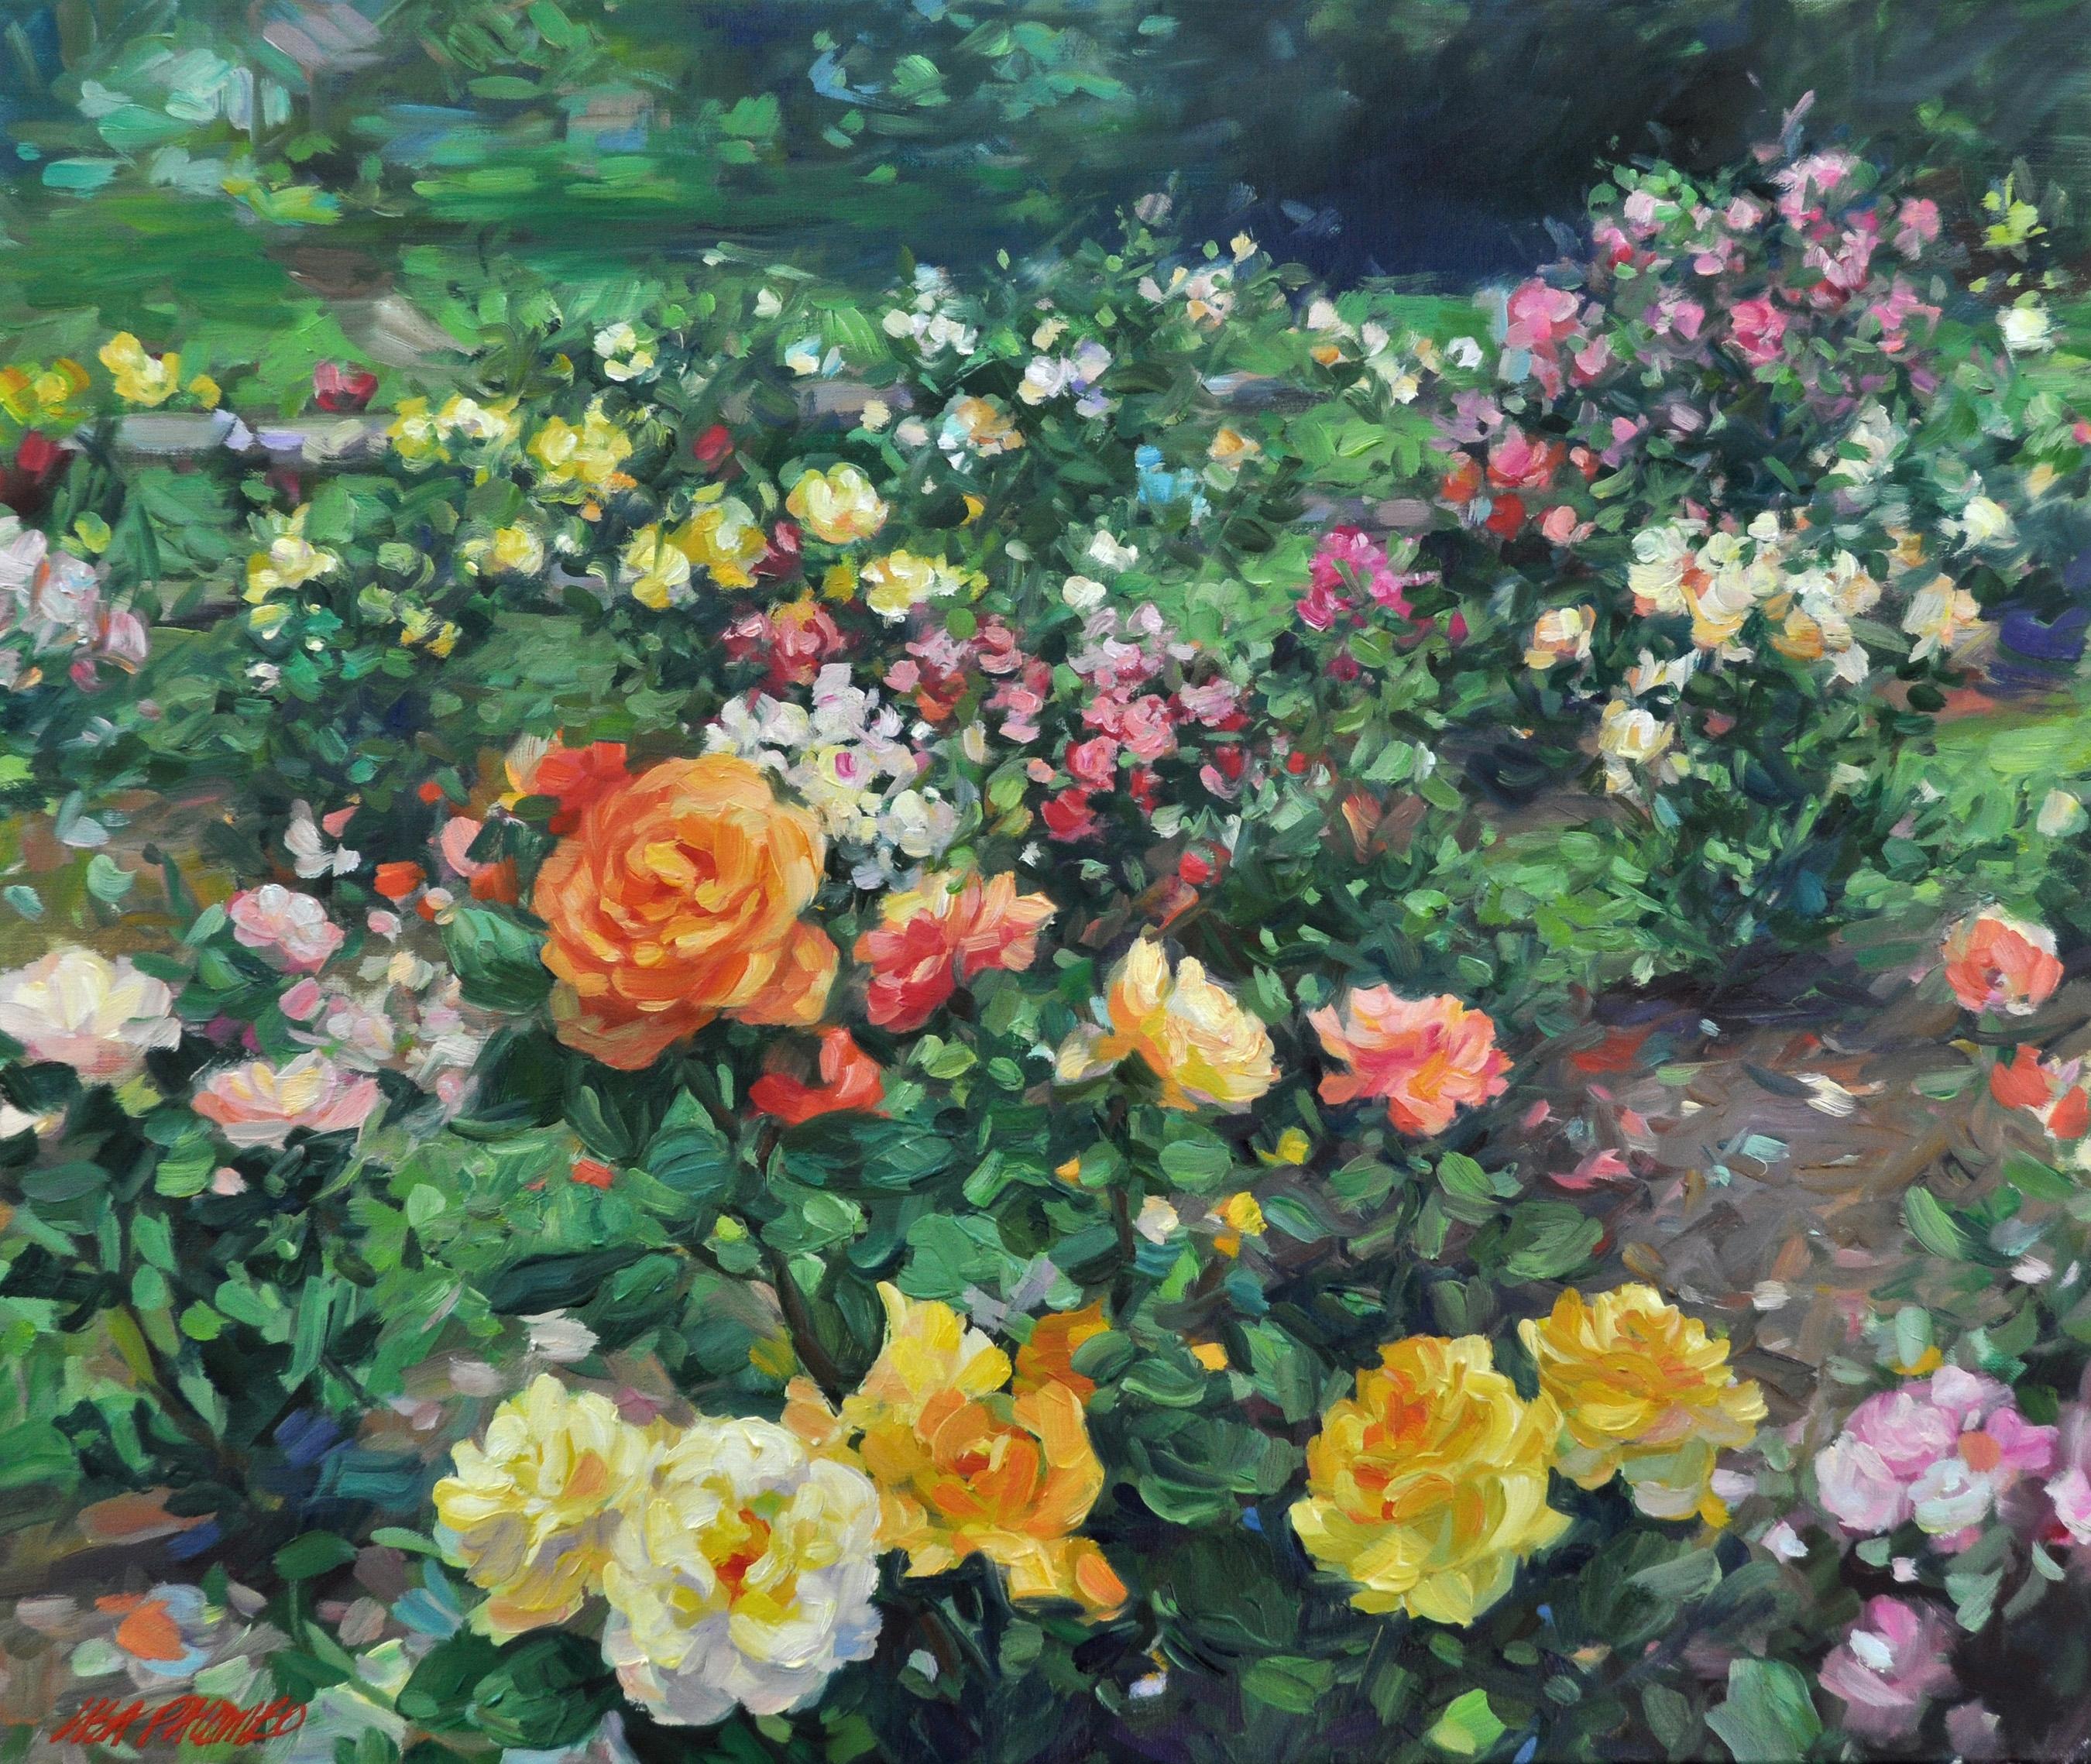 39bd24a968916dfe9a4f_9c5fdae60f74f7905bf7e6aa0a3fe45brose-garden-in-bloom20x24-palombo.jpg